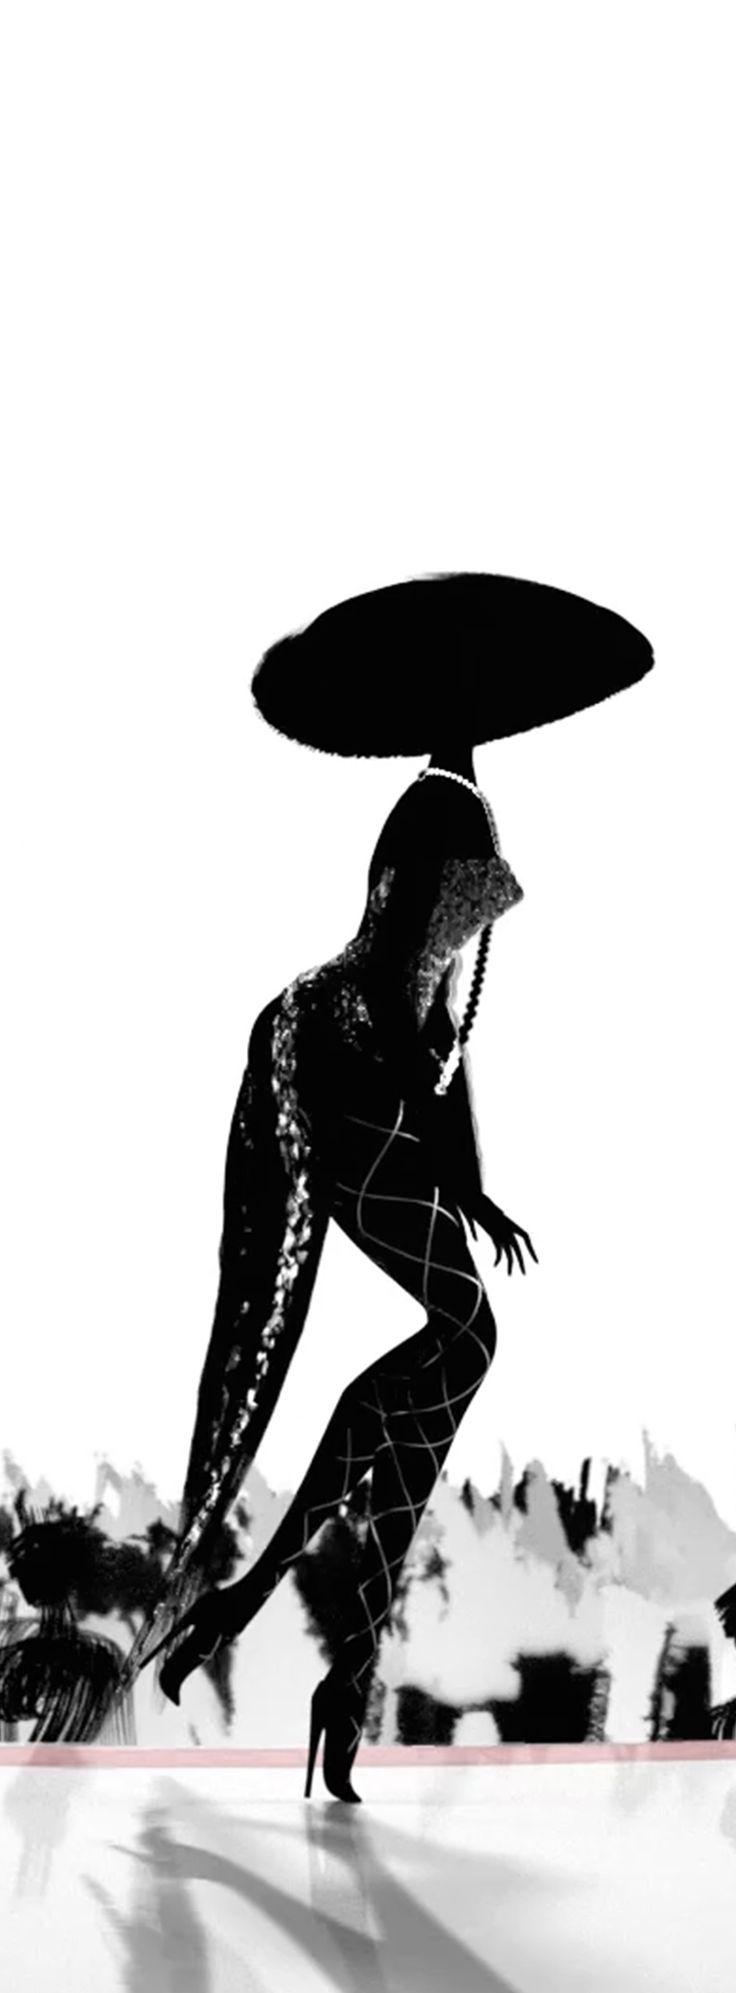 la petite robe noire eau de parfum couture ladyluxurydesigns parisianne chic lady. Black Bedroom Furniture Sets. Home Design Ideas